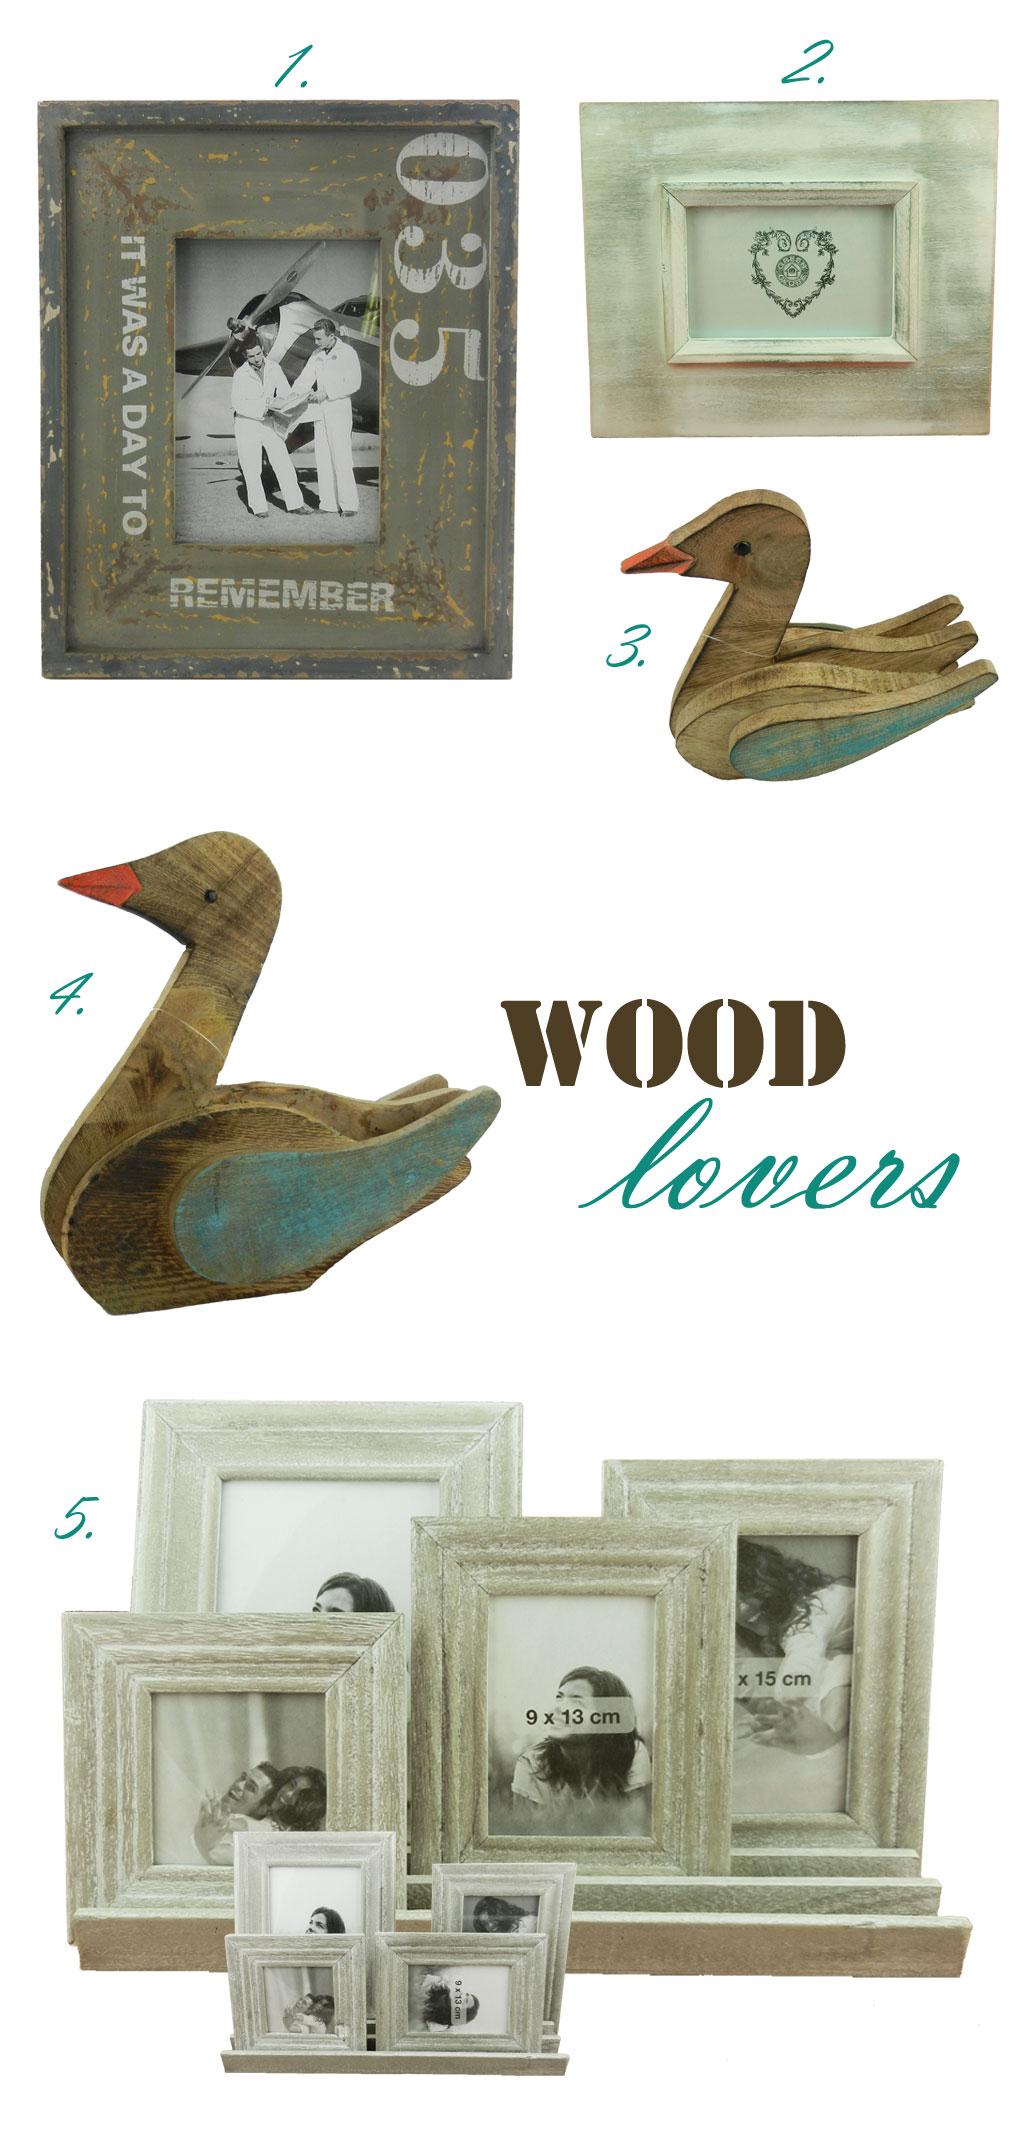 ξύλινες πάπιες και ξύλινες κορνίζες